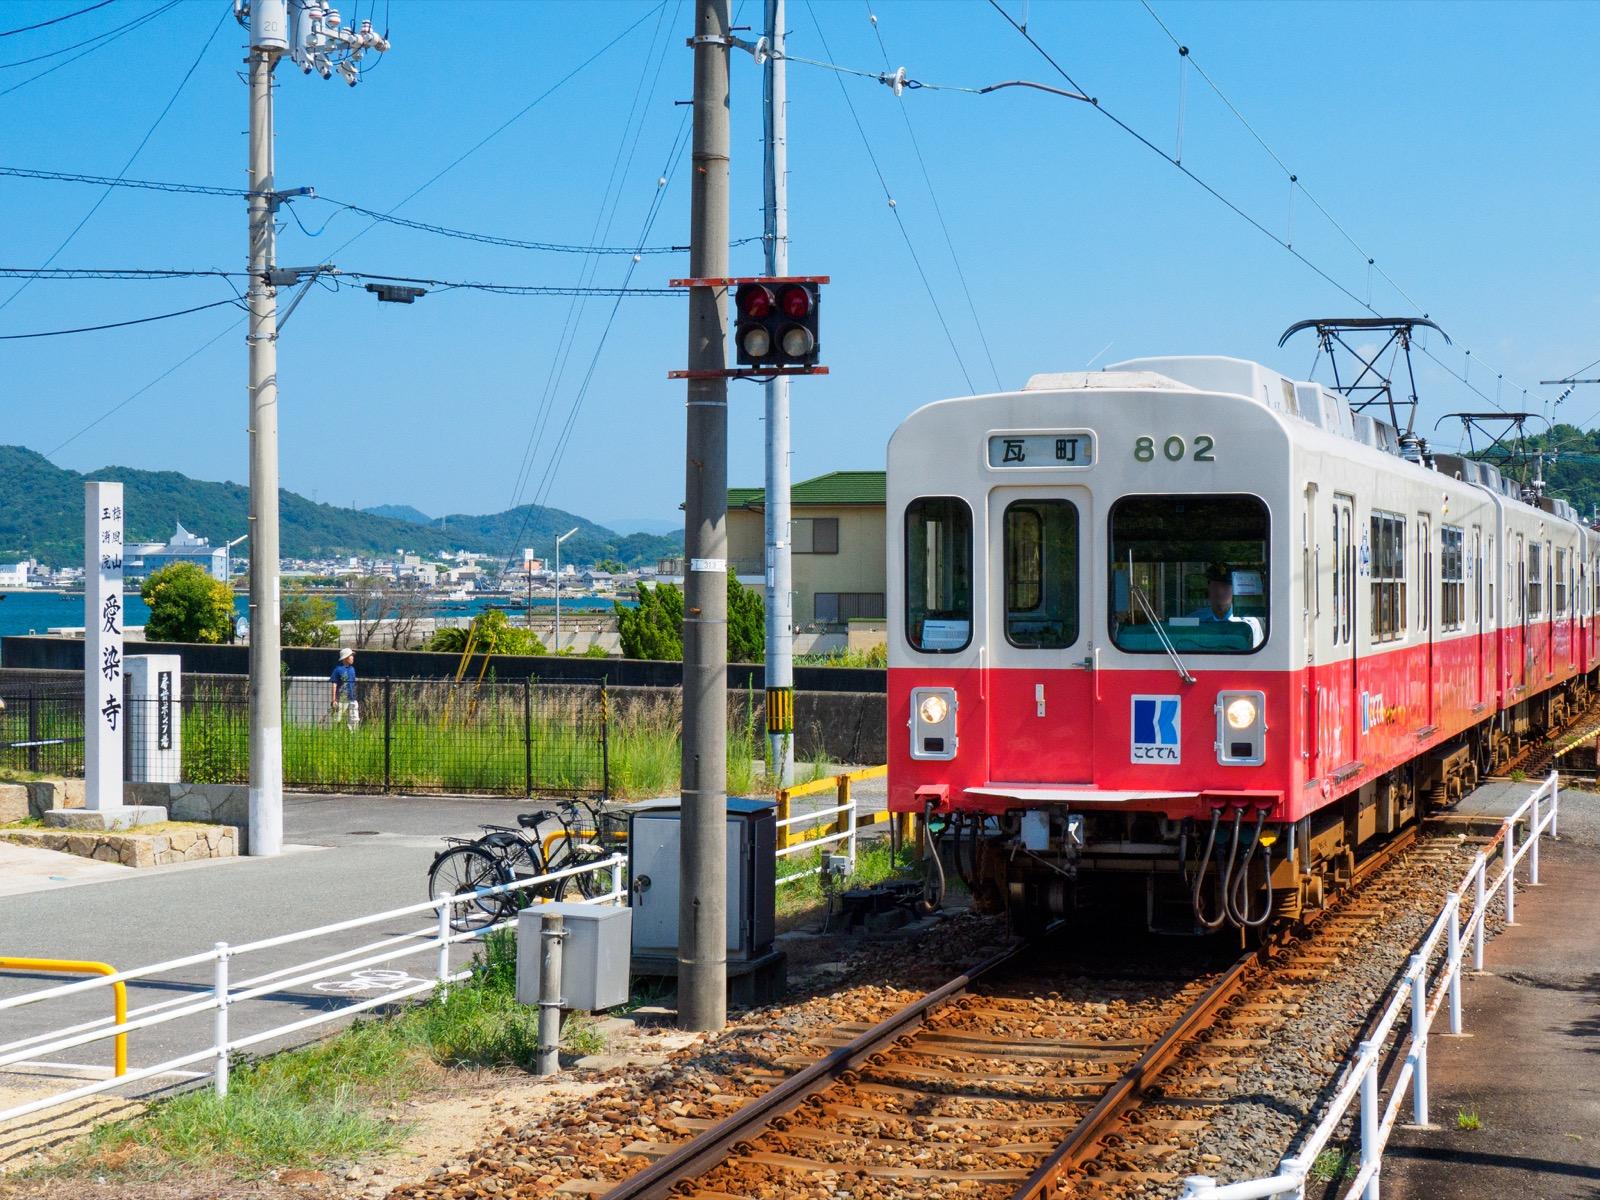 房前駅に到着する瓦町行きの列車